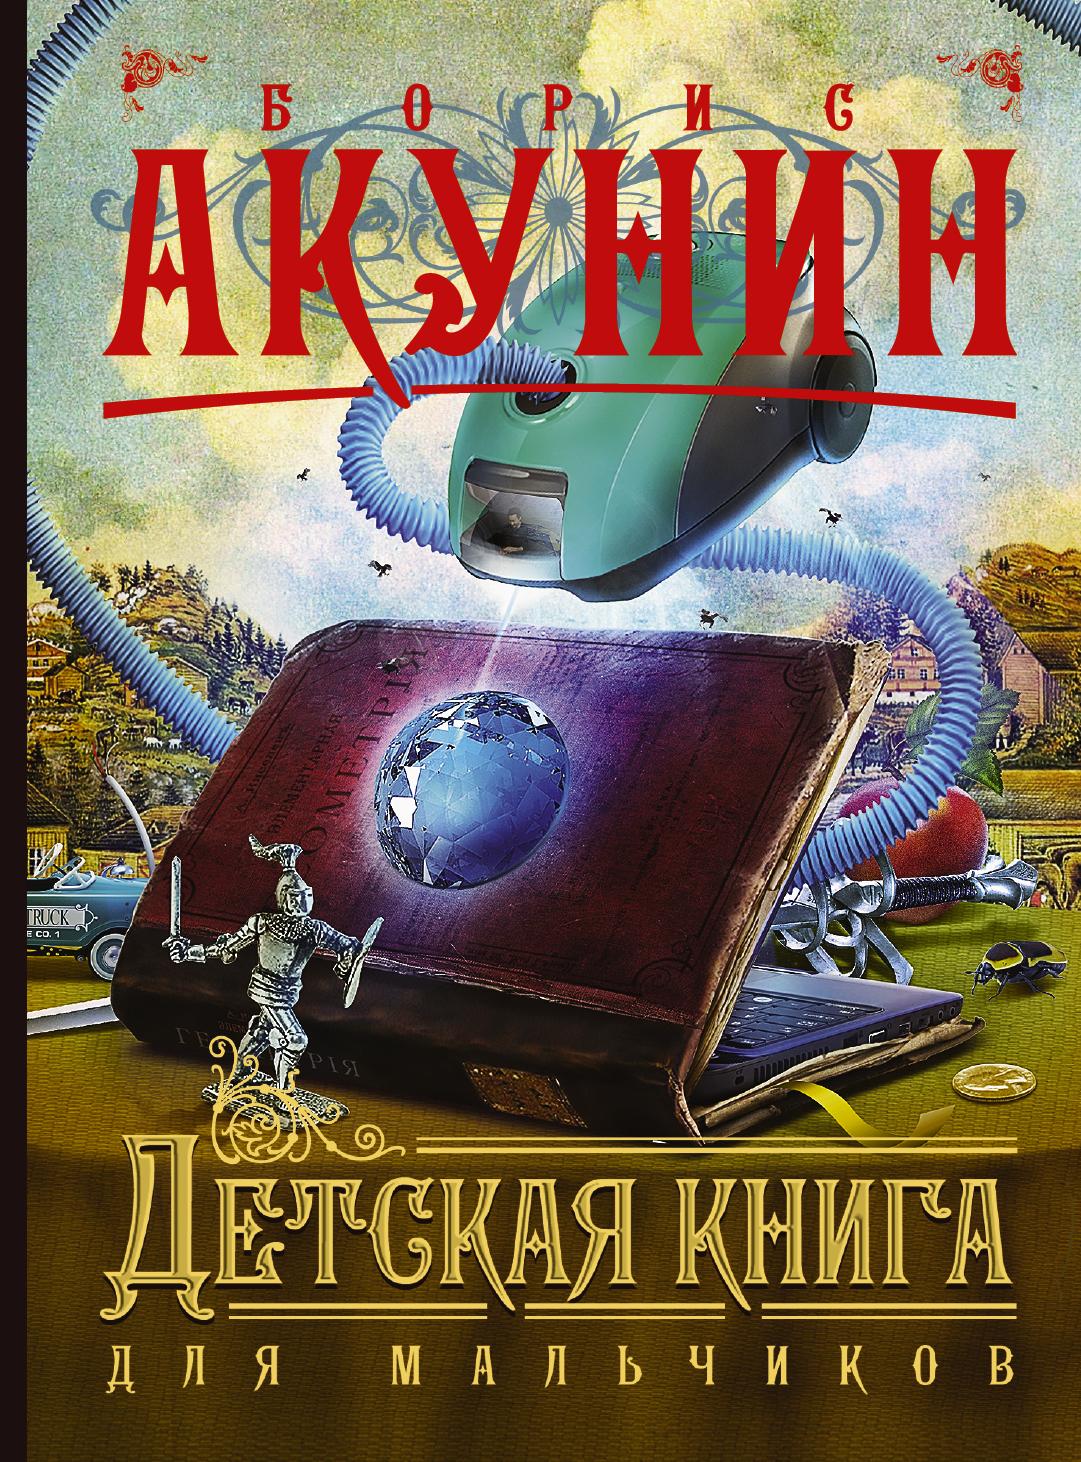 Скачать книгу акунина детская книга